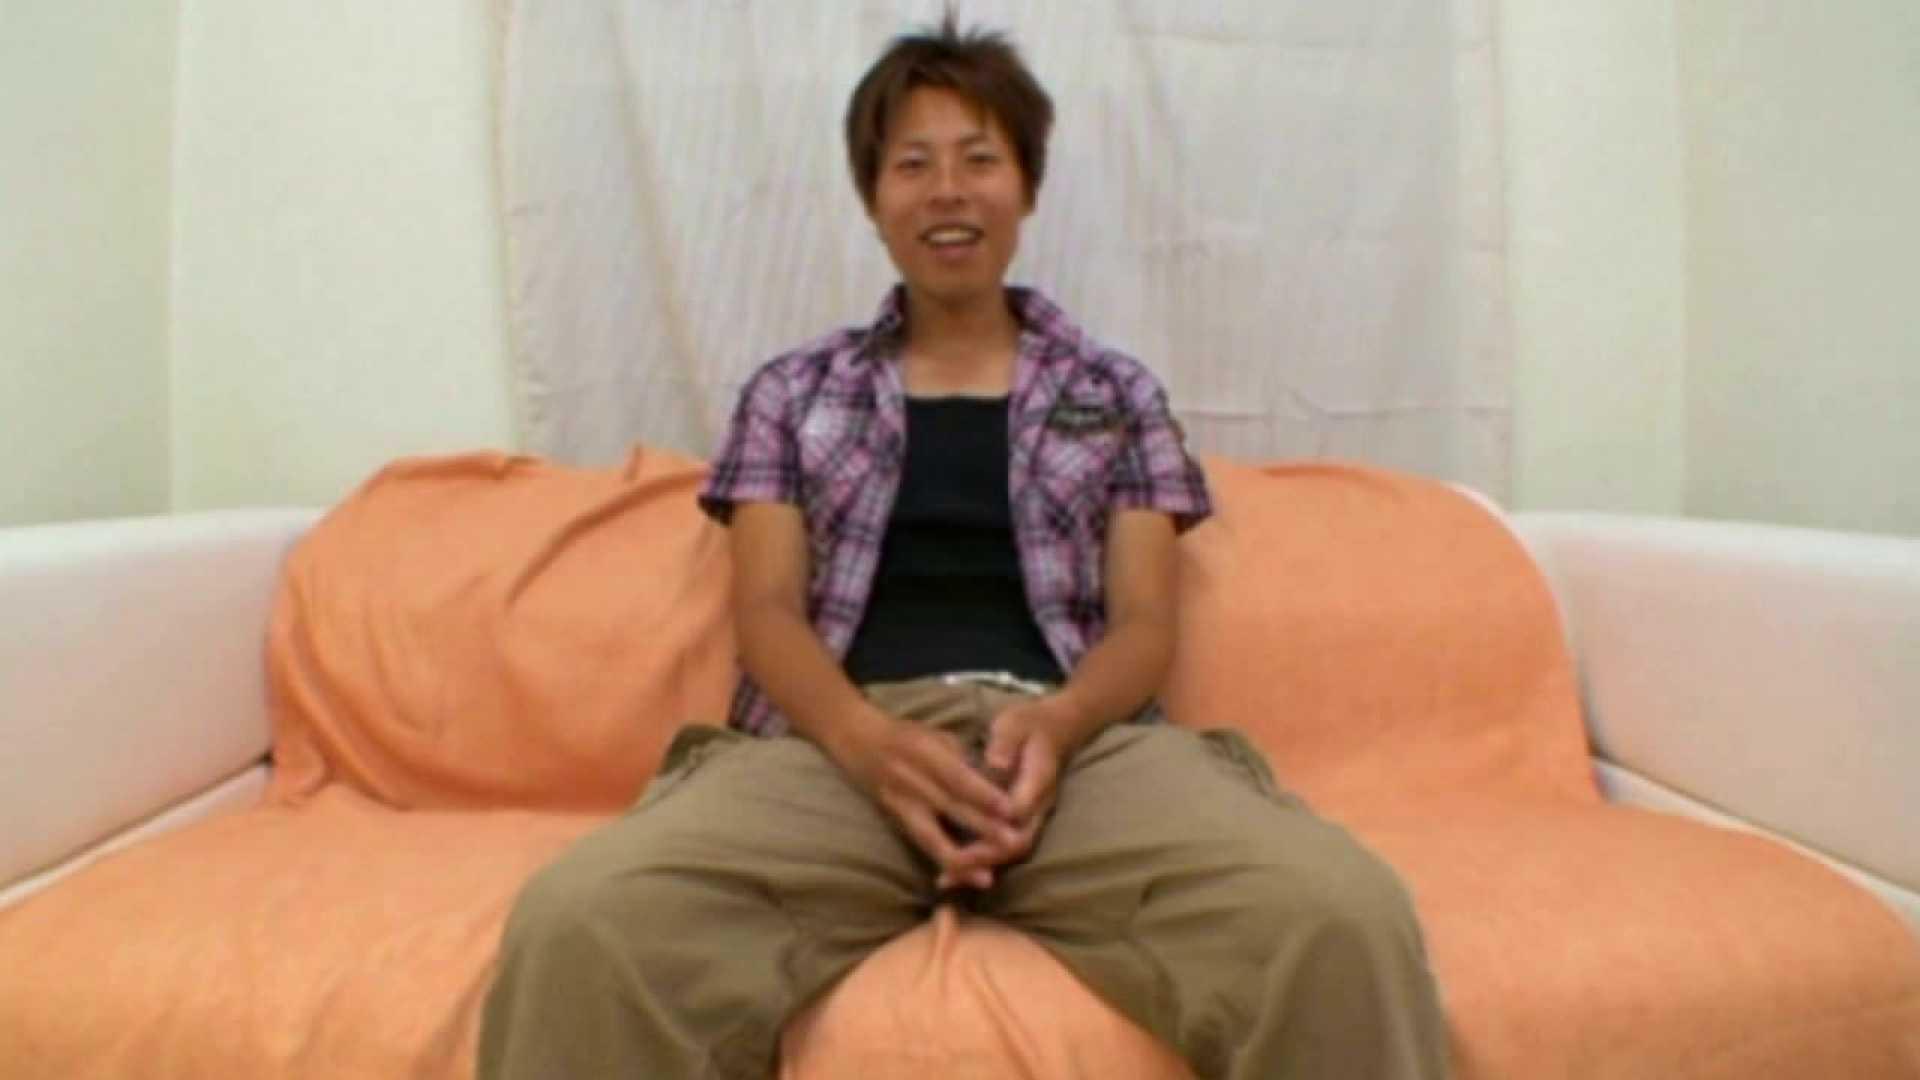 ノンケ!自慰スタジオ No.10 オナニー アダルトビデオ画像キャプチャ 113枚 35